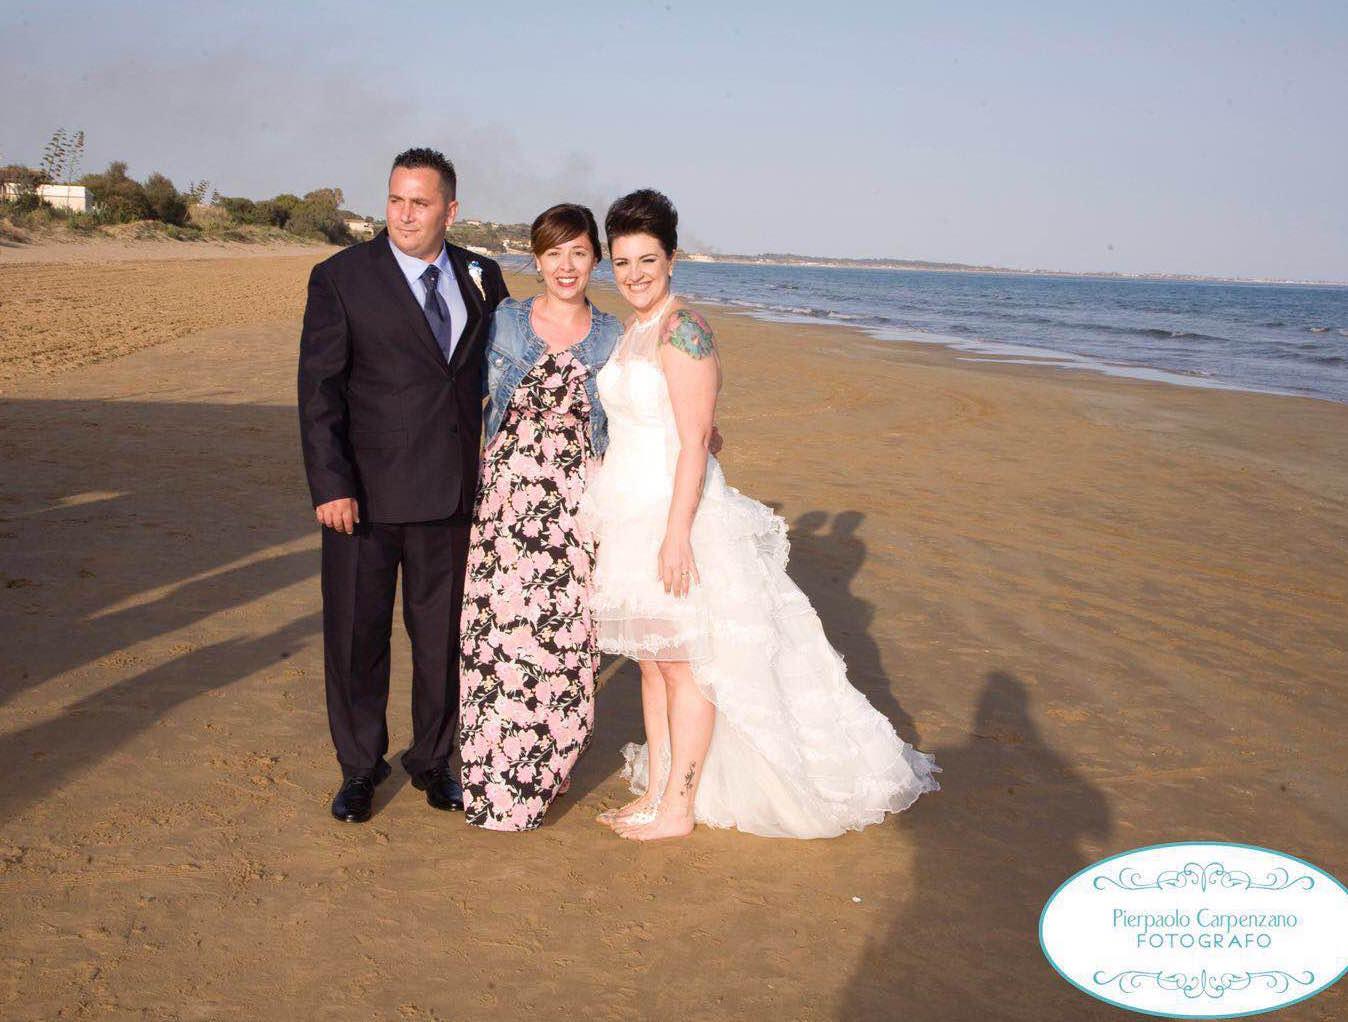 Matrimonio Spiaggia Circeo : Matrimonio in spiaggia a pozzallo